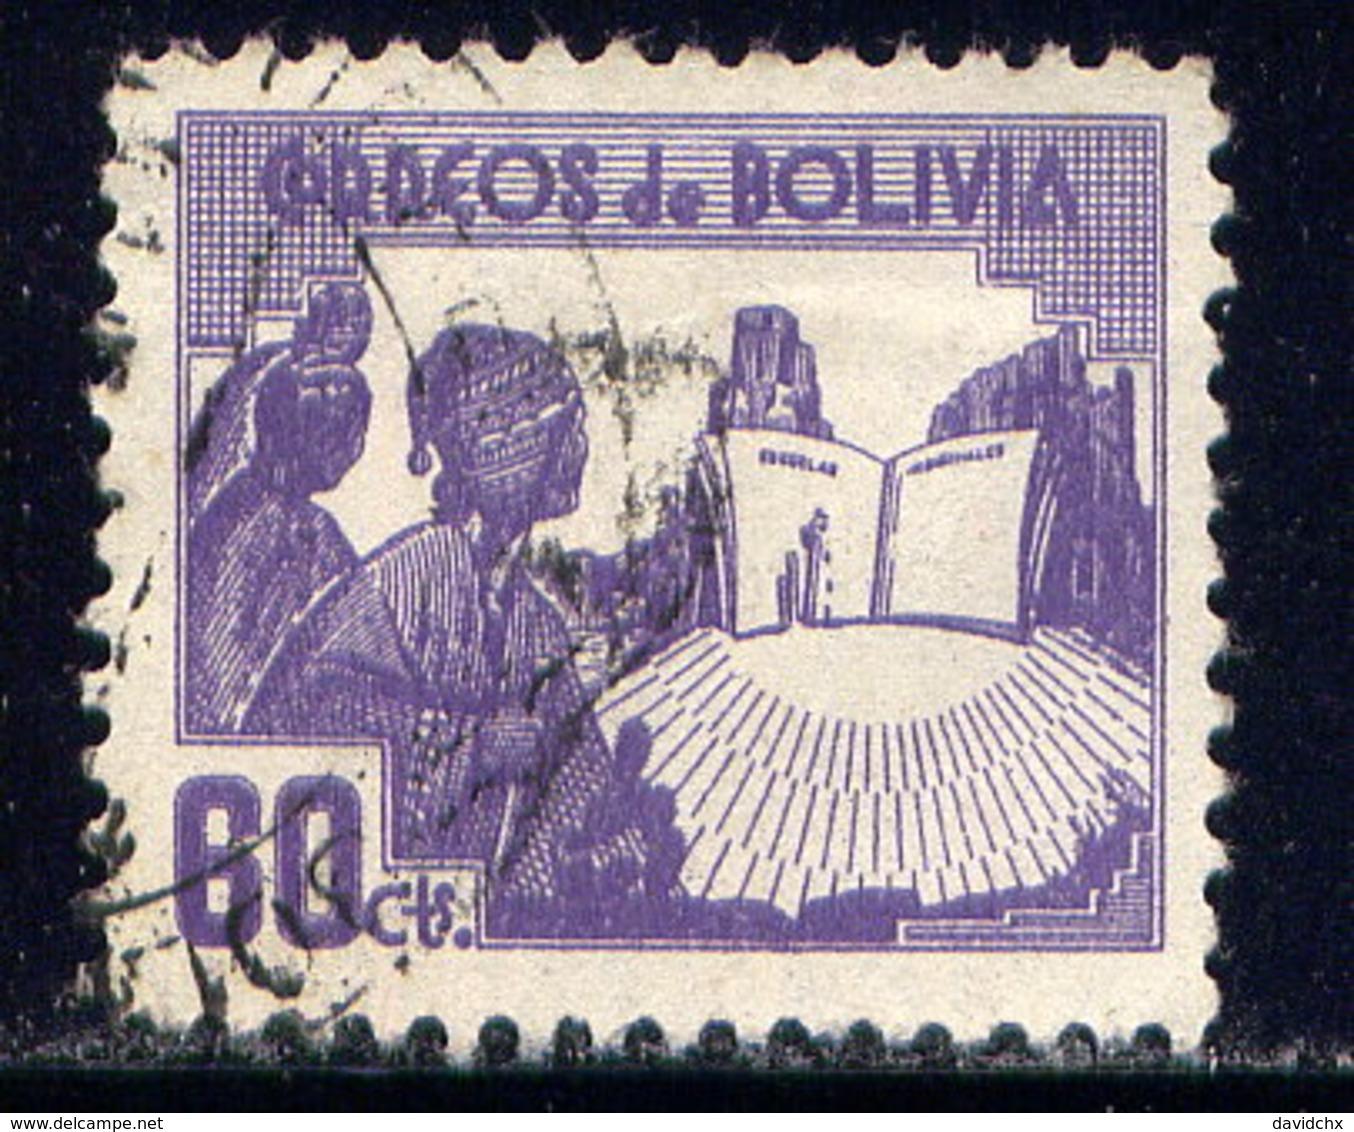 BOLIVIA, NO. 247 - Bolivia